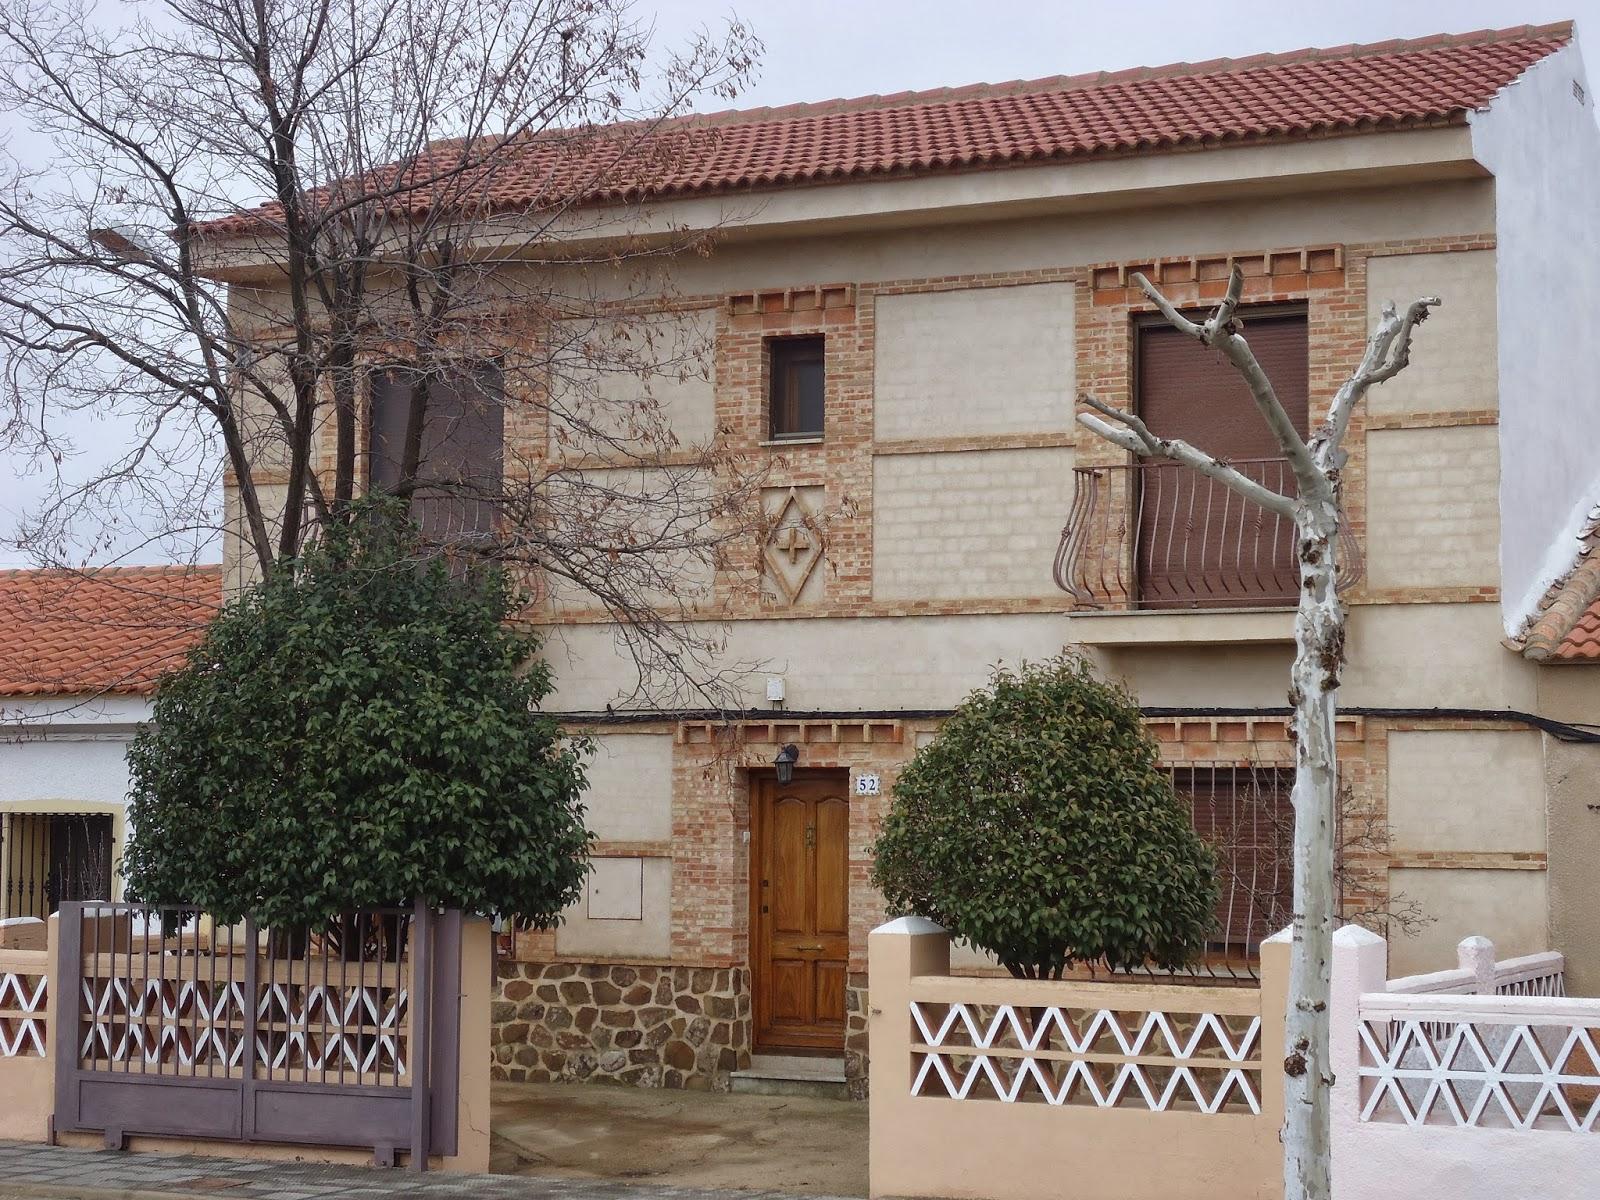 Fachadas de ladrillo rustico fotos good fachada de pisos con ladrillos rsticos with fachadas de - Fachadas ladrillo rustico ...